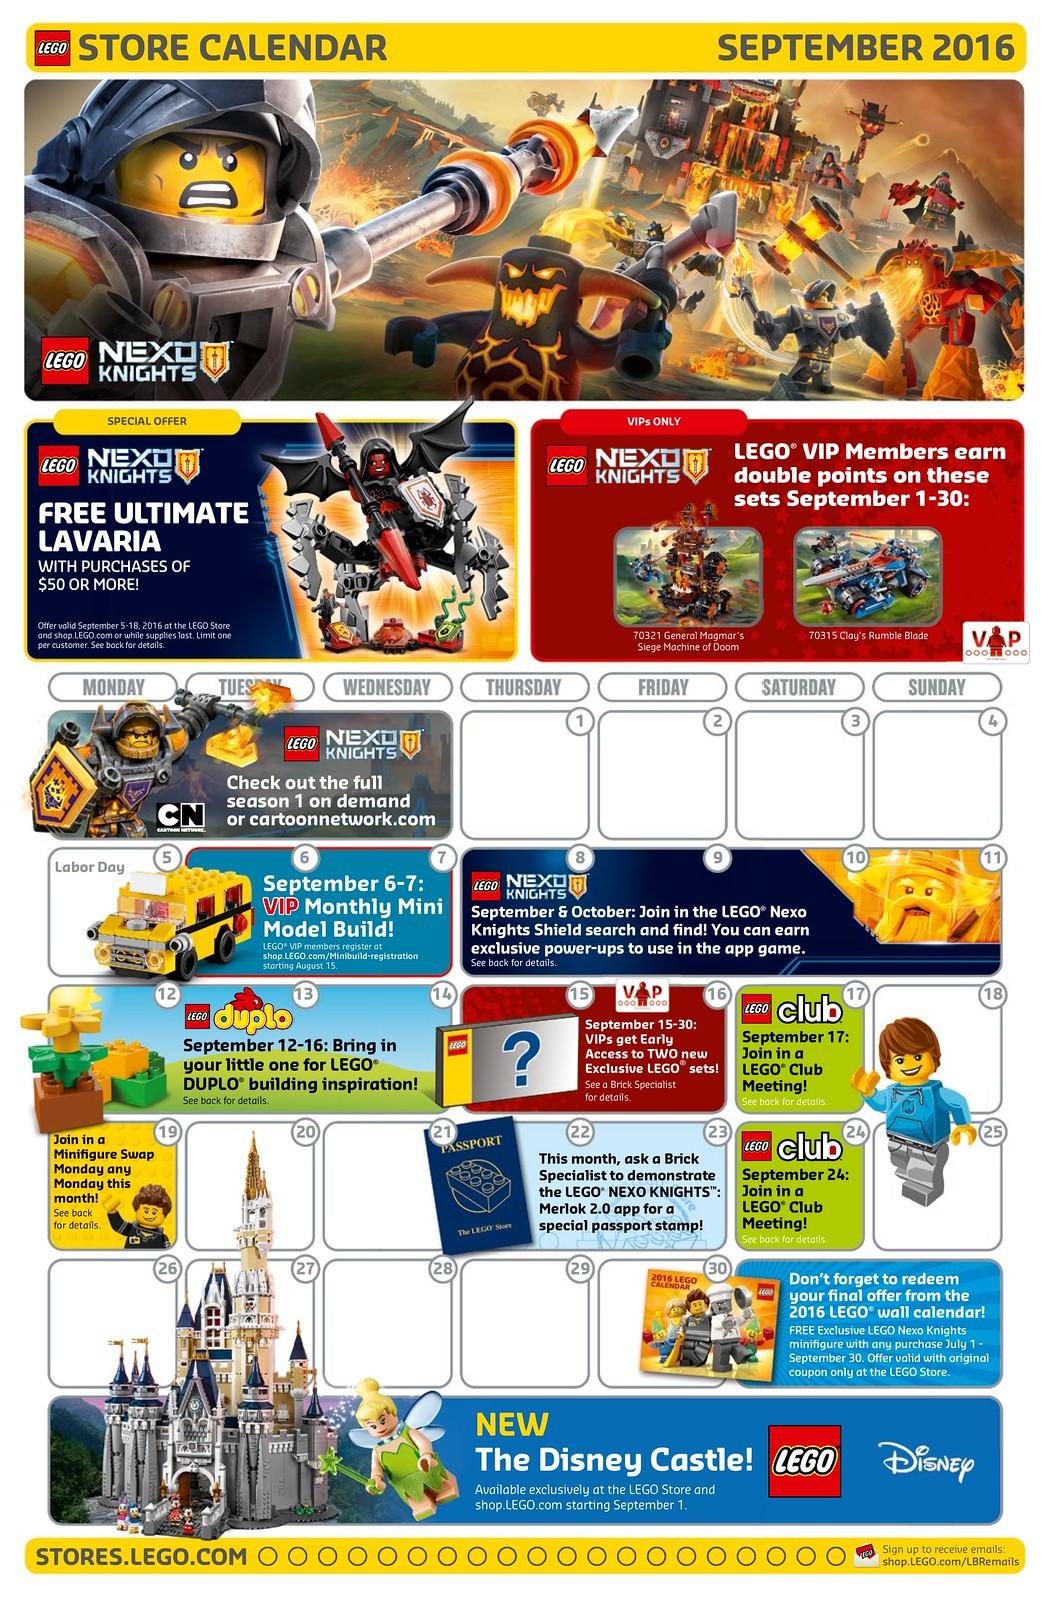 LEGO Store Calendar 28583811926_0094b11e06_h